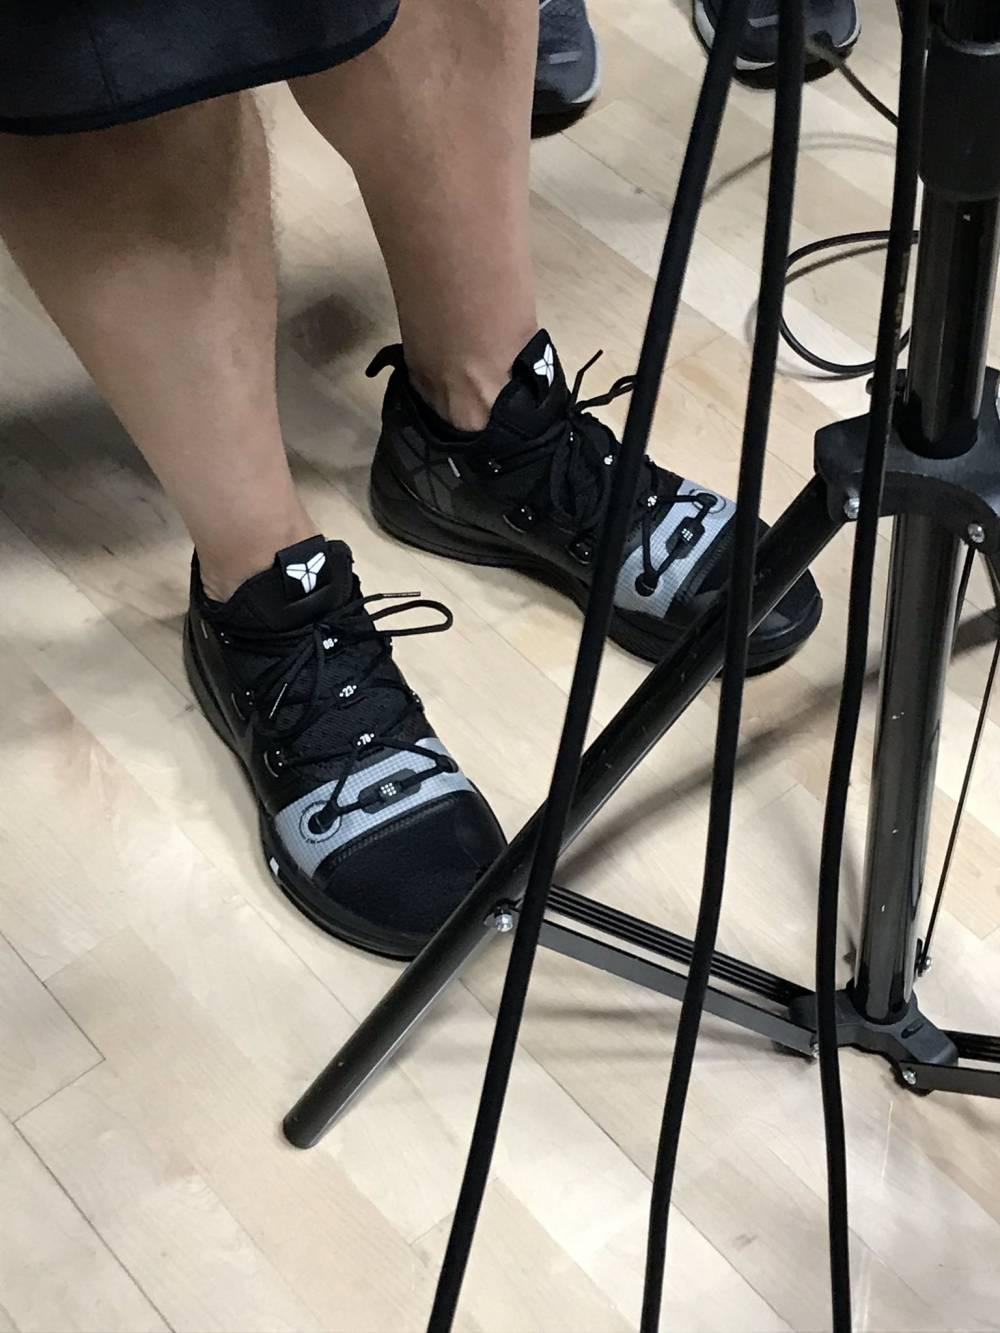 沃格尔:今天湖人教练组成员会全部穿上科比战靴